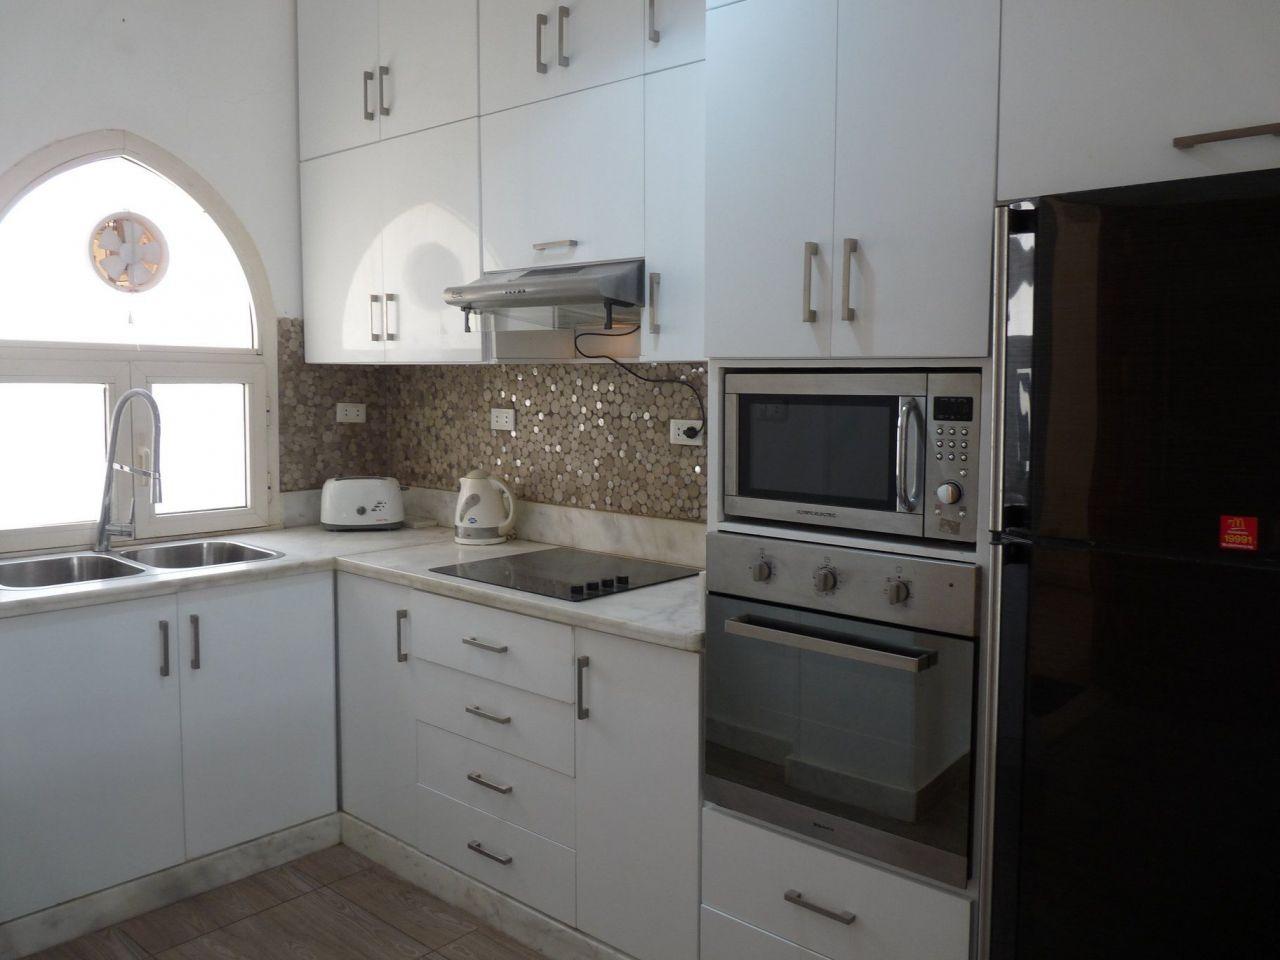 Квартира за 48 647 евро в Шарм-эль-Шейхе, Египет 107 кв.м.